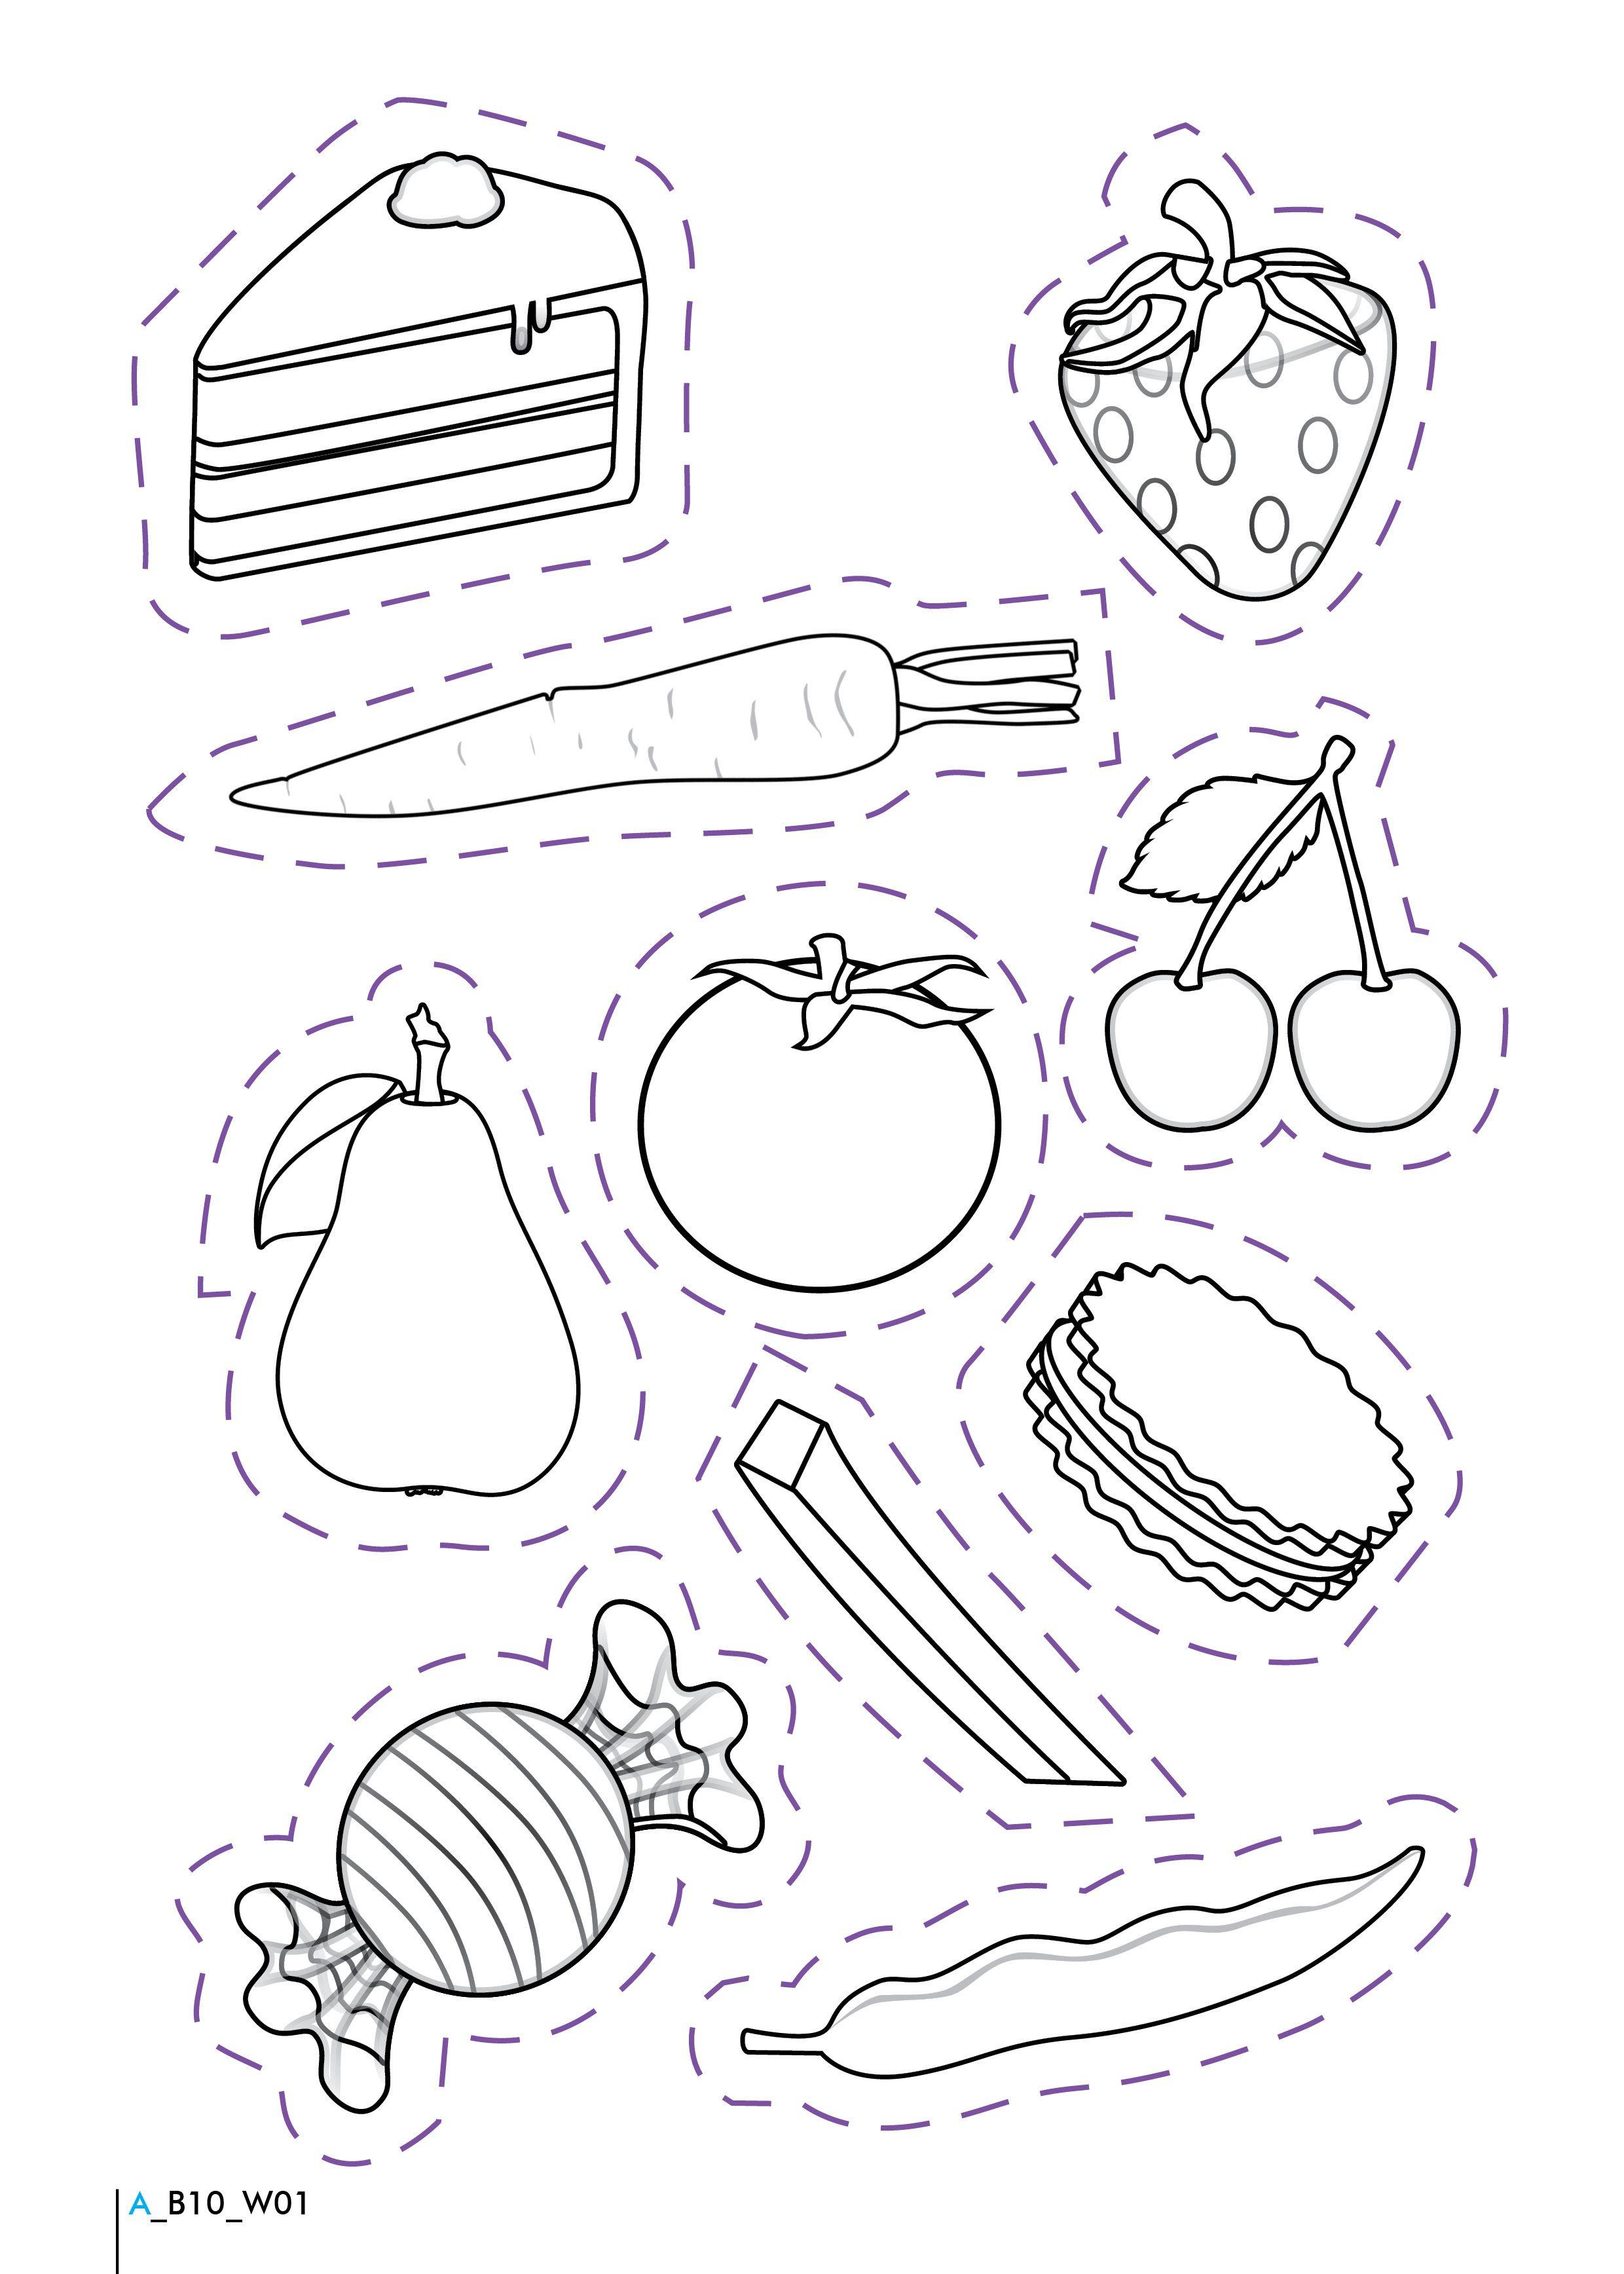 Healthy And Unhealthy Foods Worksheet | Teaching Worksheets Social - Free Printable Healthy Eating Worksheets